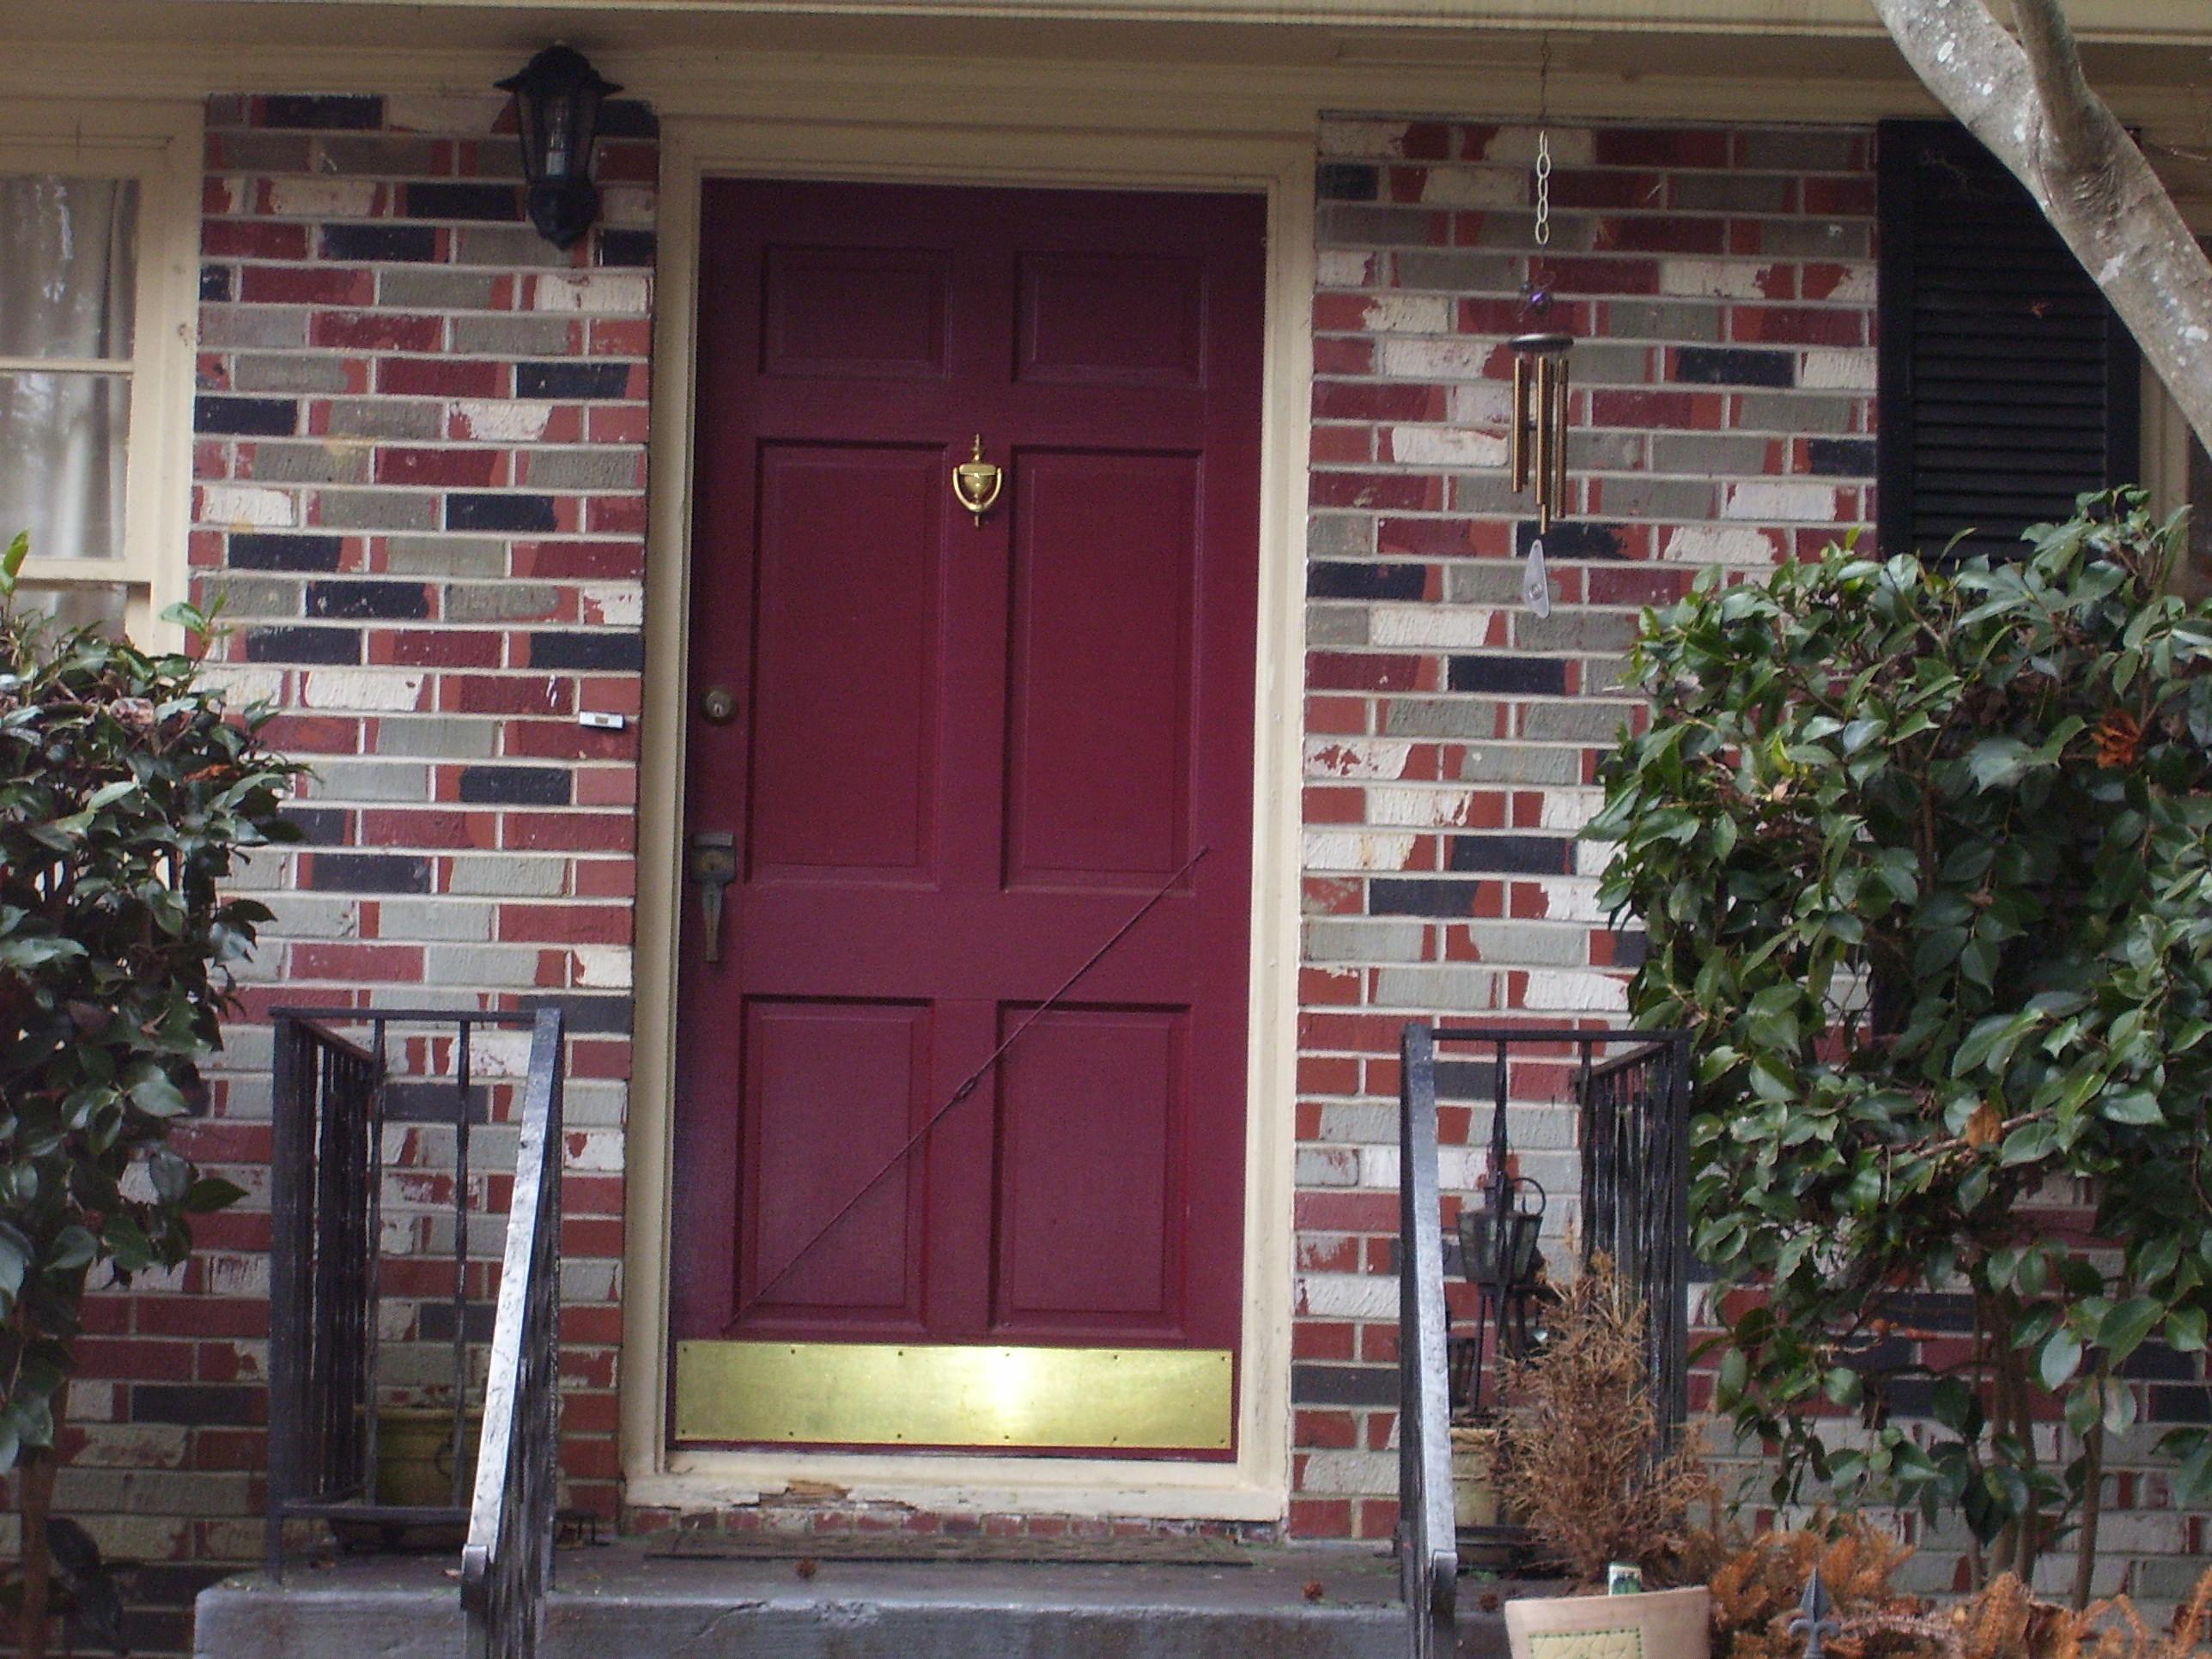 FileRed door.jpg & File:Red door.jpg - Wikimedia Commons